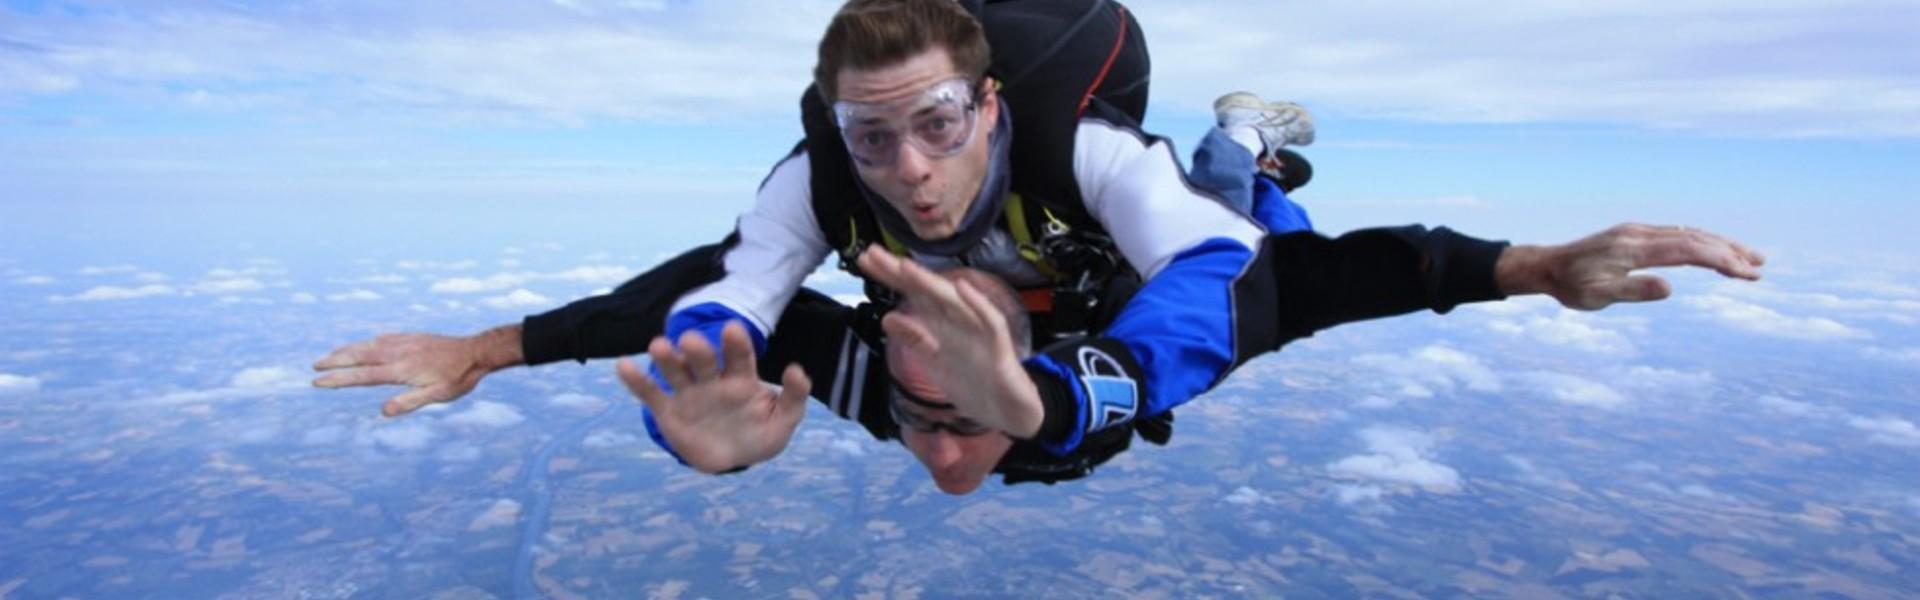 saut en parachute agen